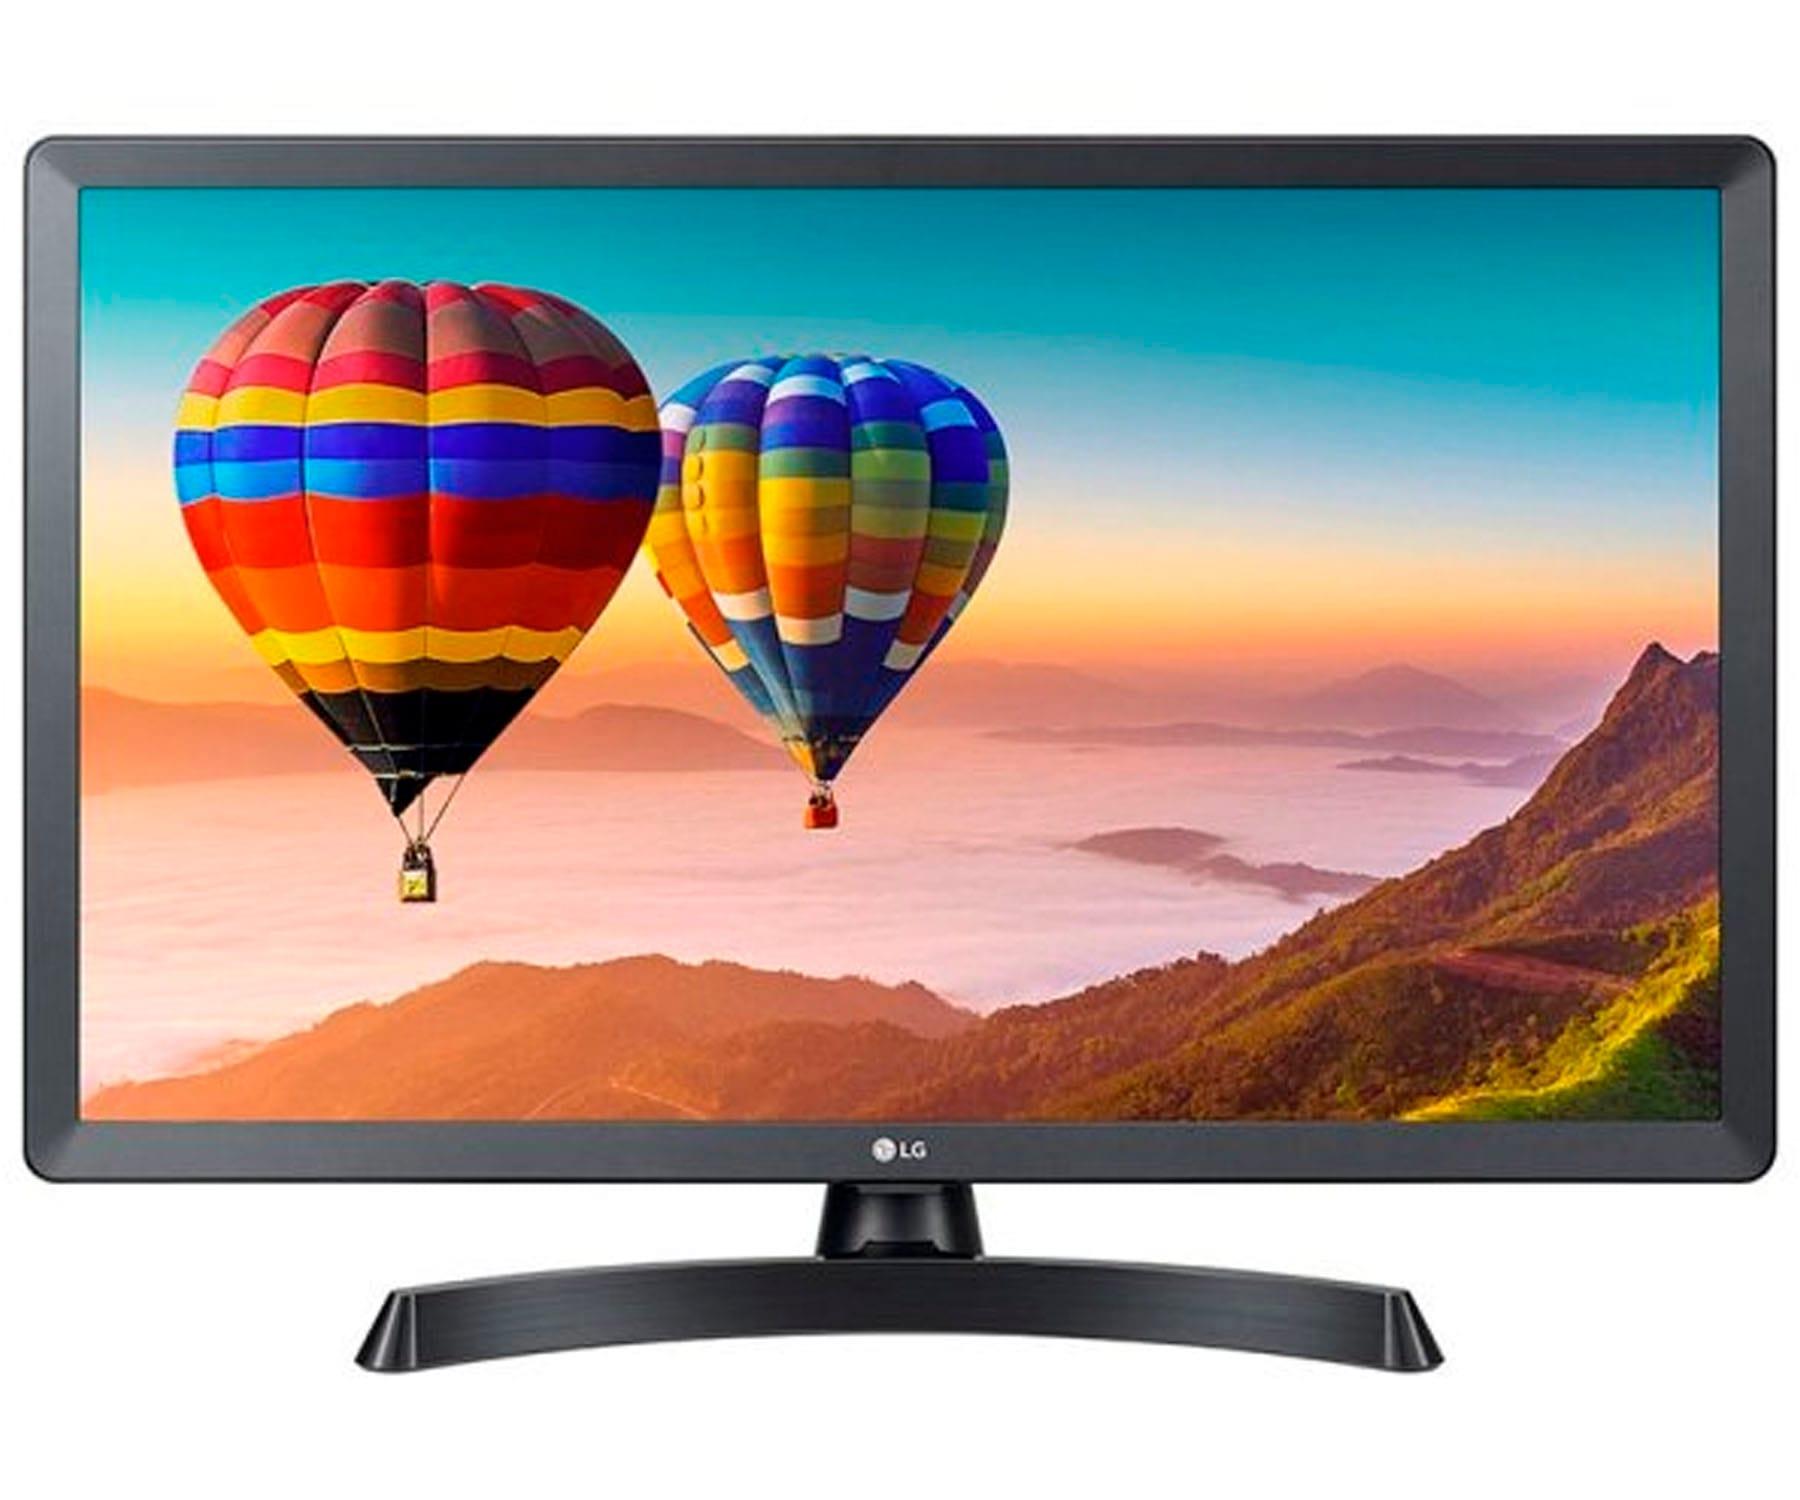 LG 28TN515V-PZ NEGRO TELEVISOR MONITOR 28'' LCD LED HD READY